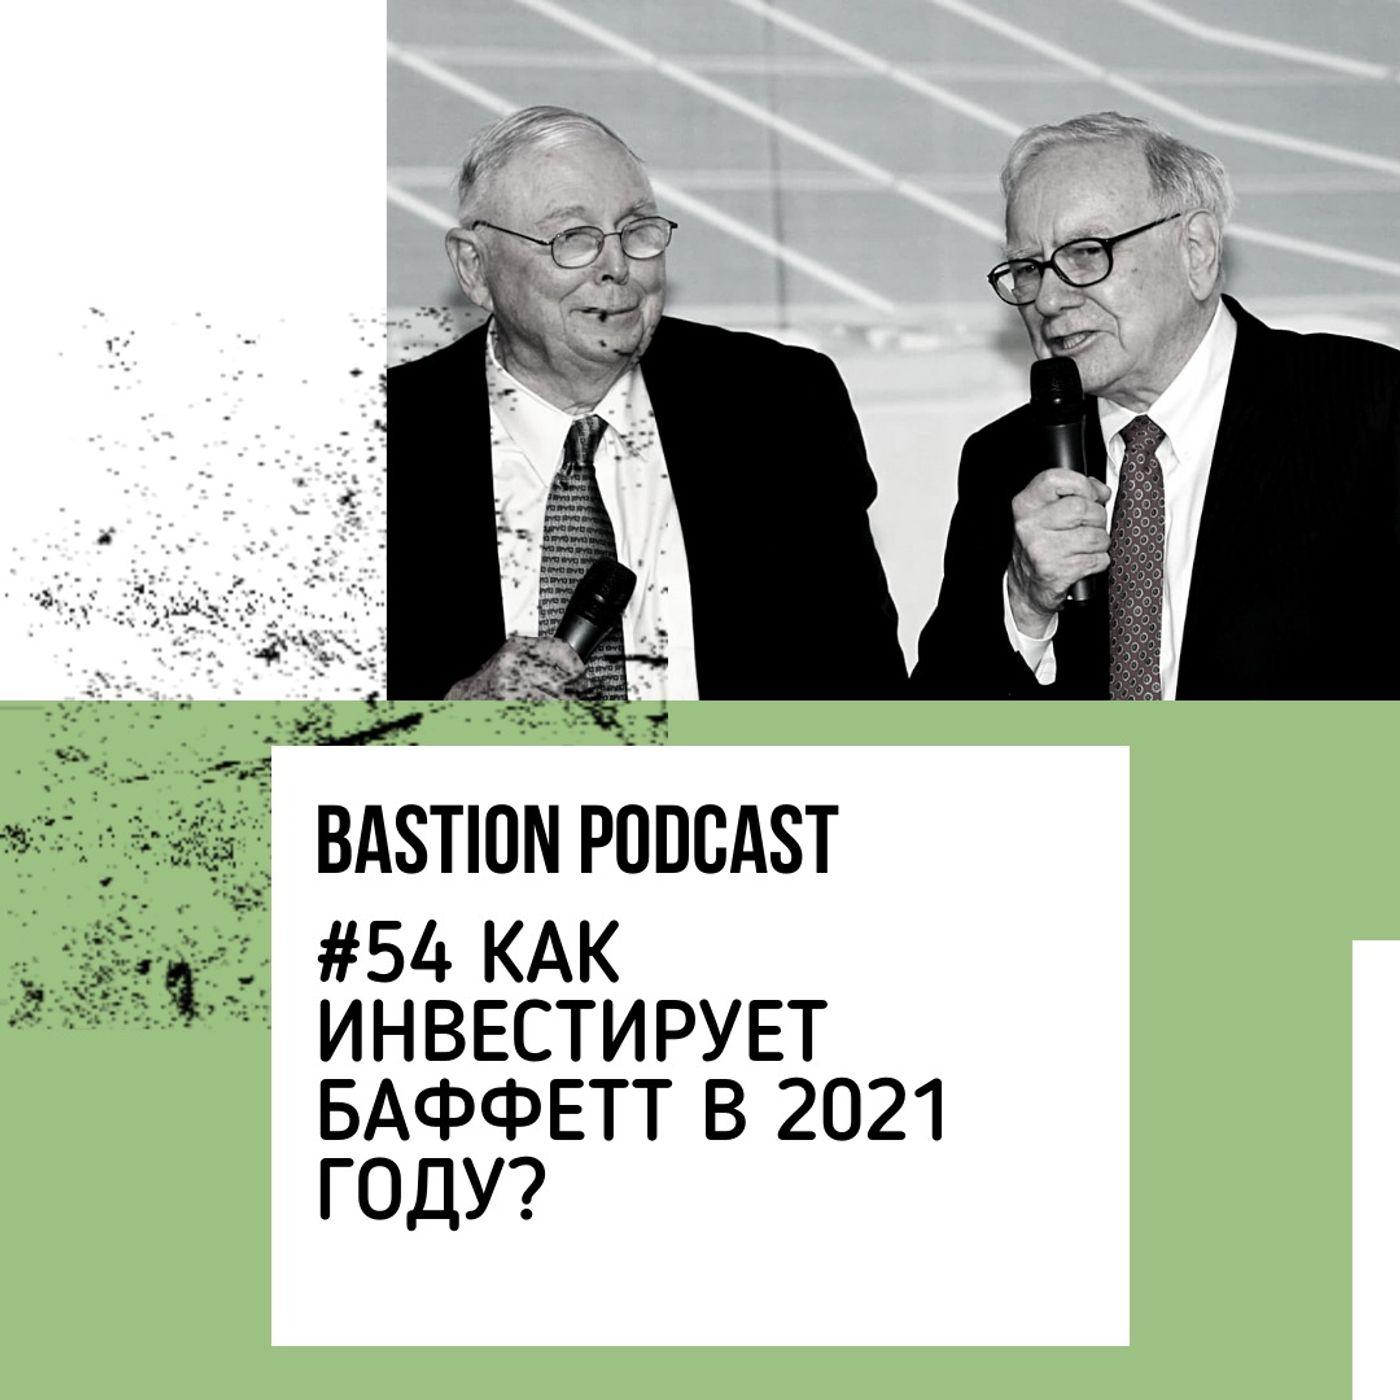 #54: Как инвестирует Баффетт в 2021 году?